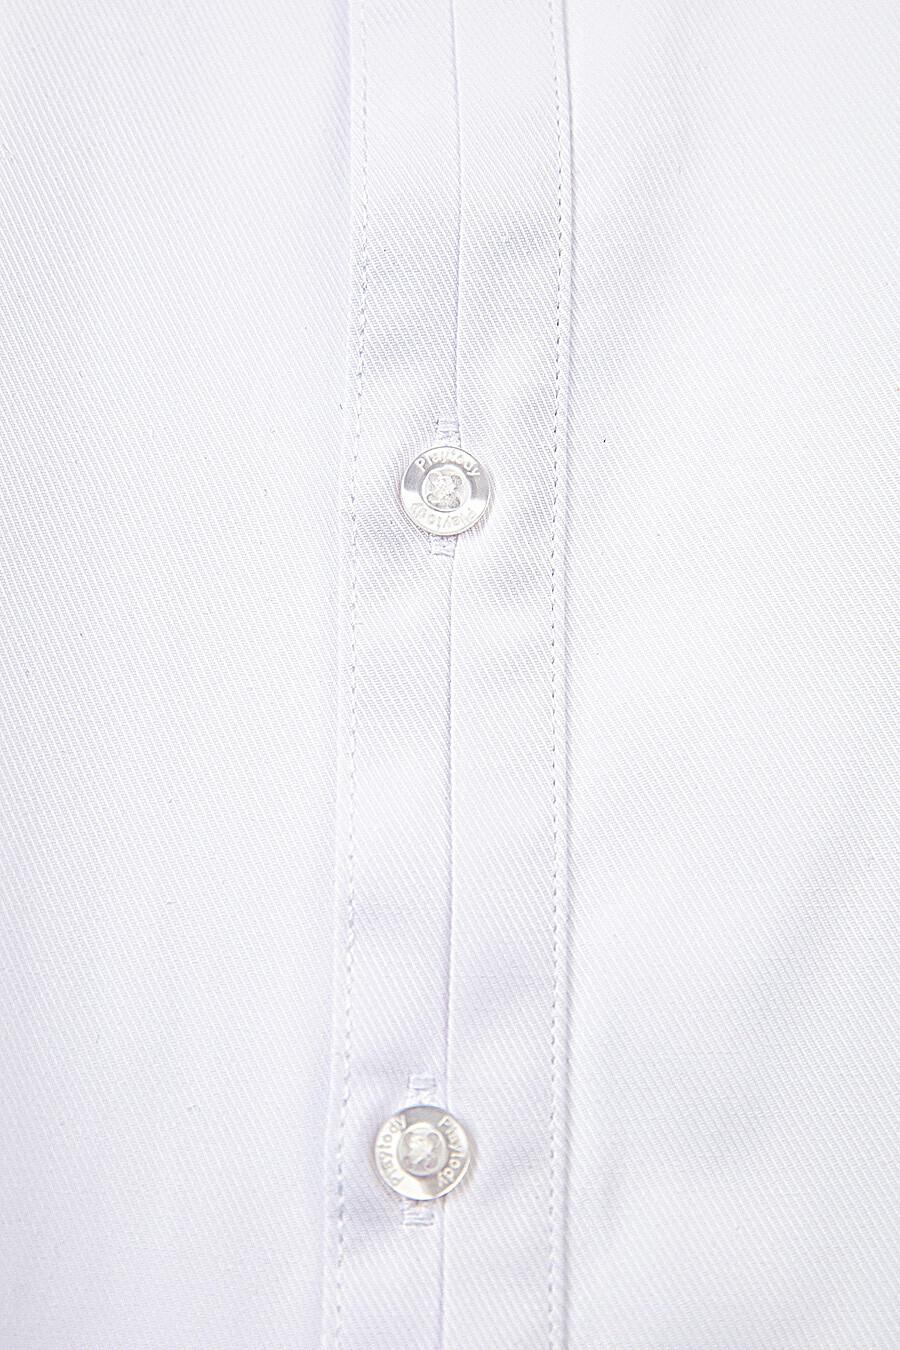 Рубашка для мальчиков PLAYTODAY 205293 купить оптом от производителя. Совместная покупка детской одежды в OptMoyo